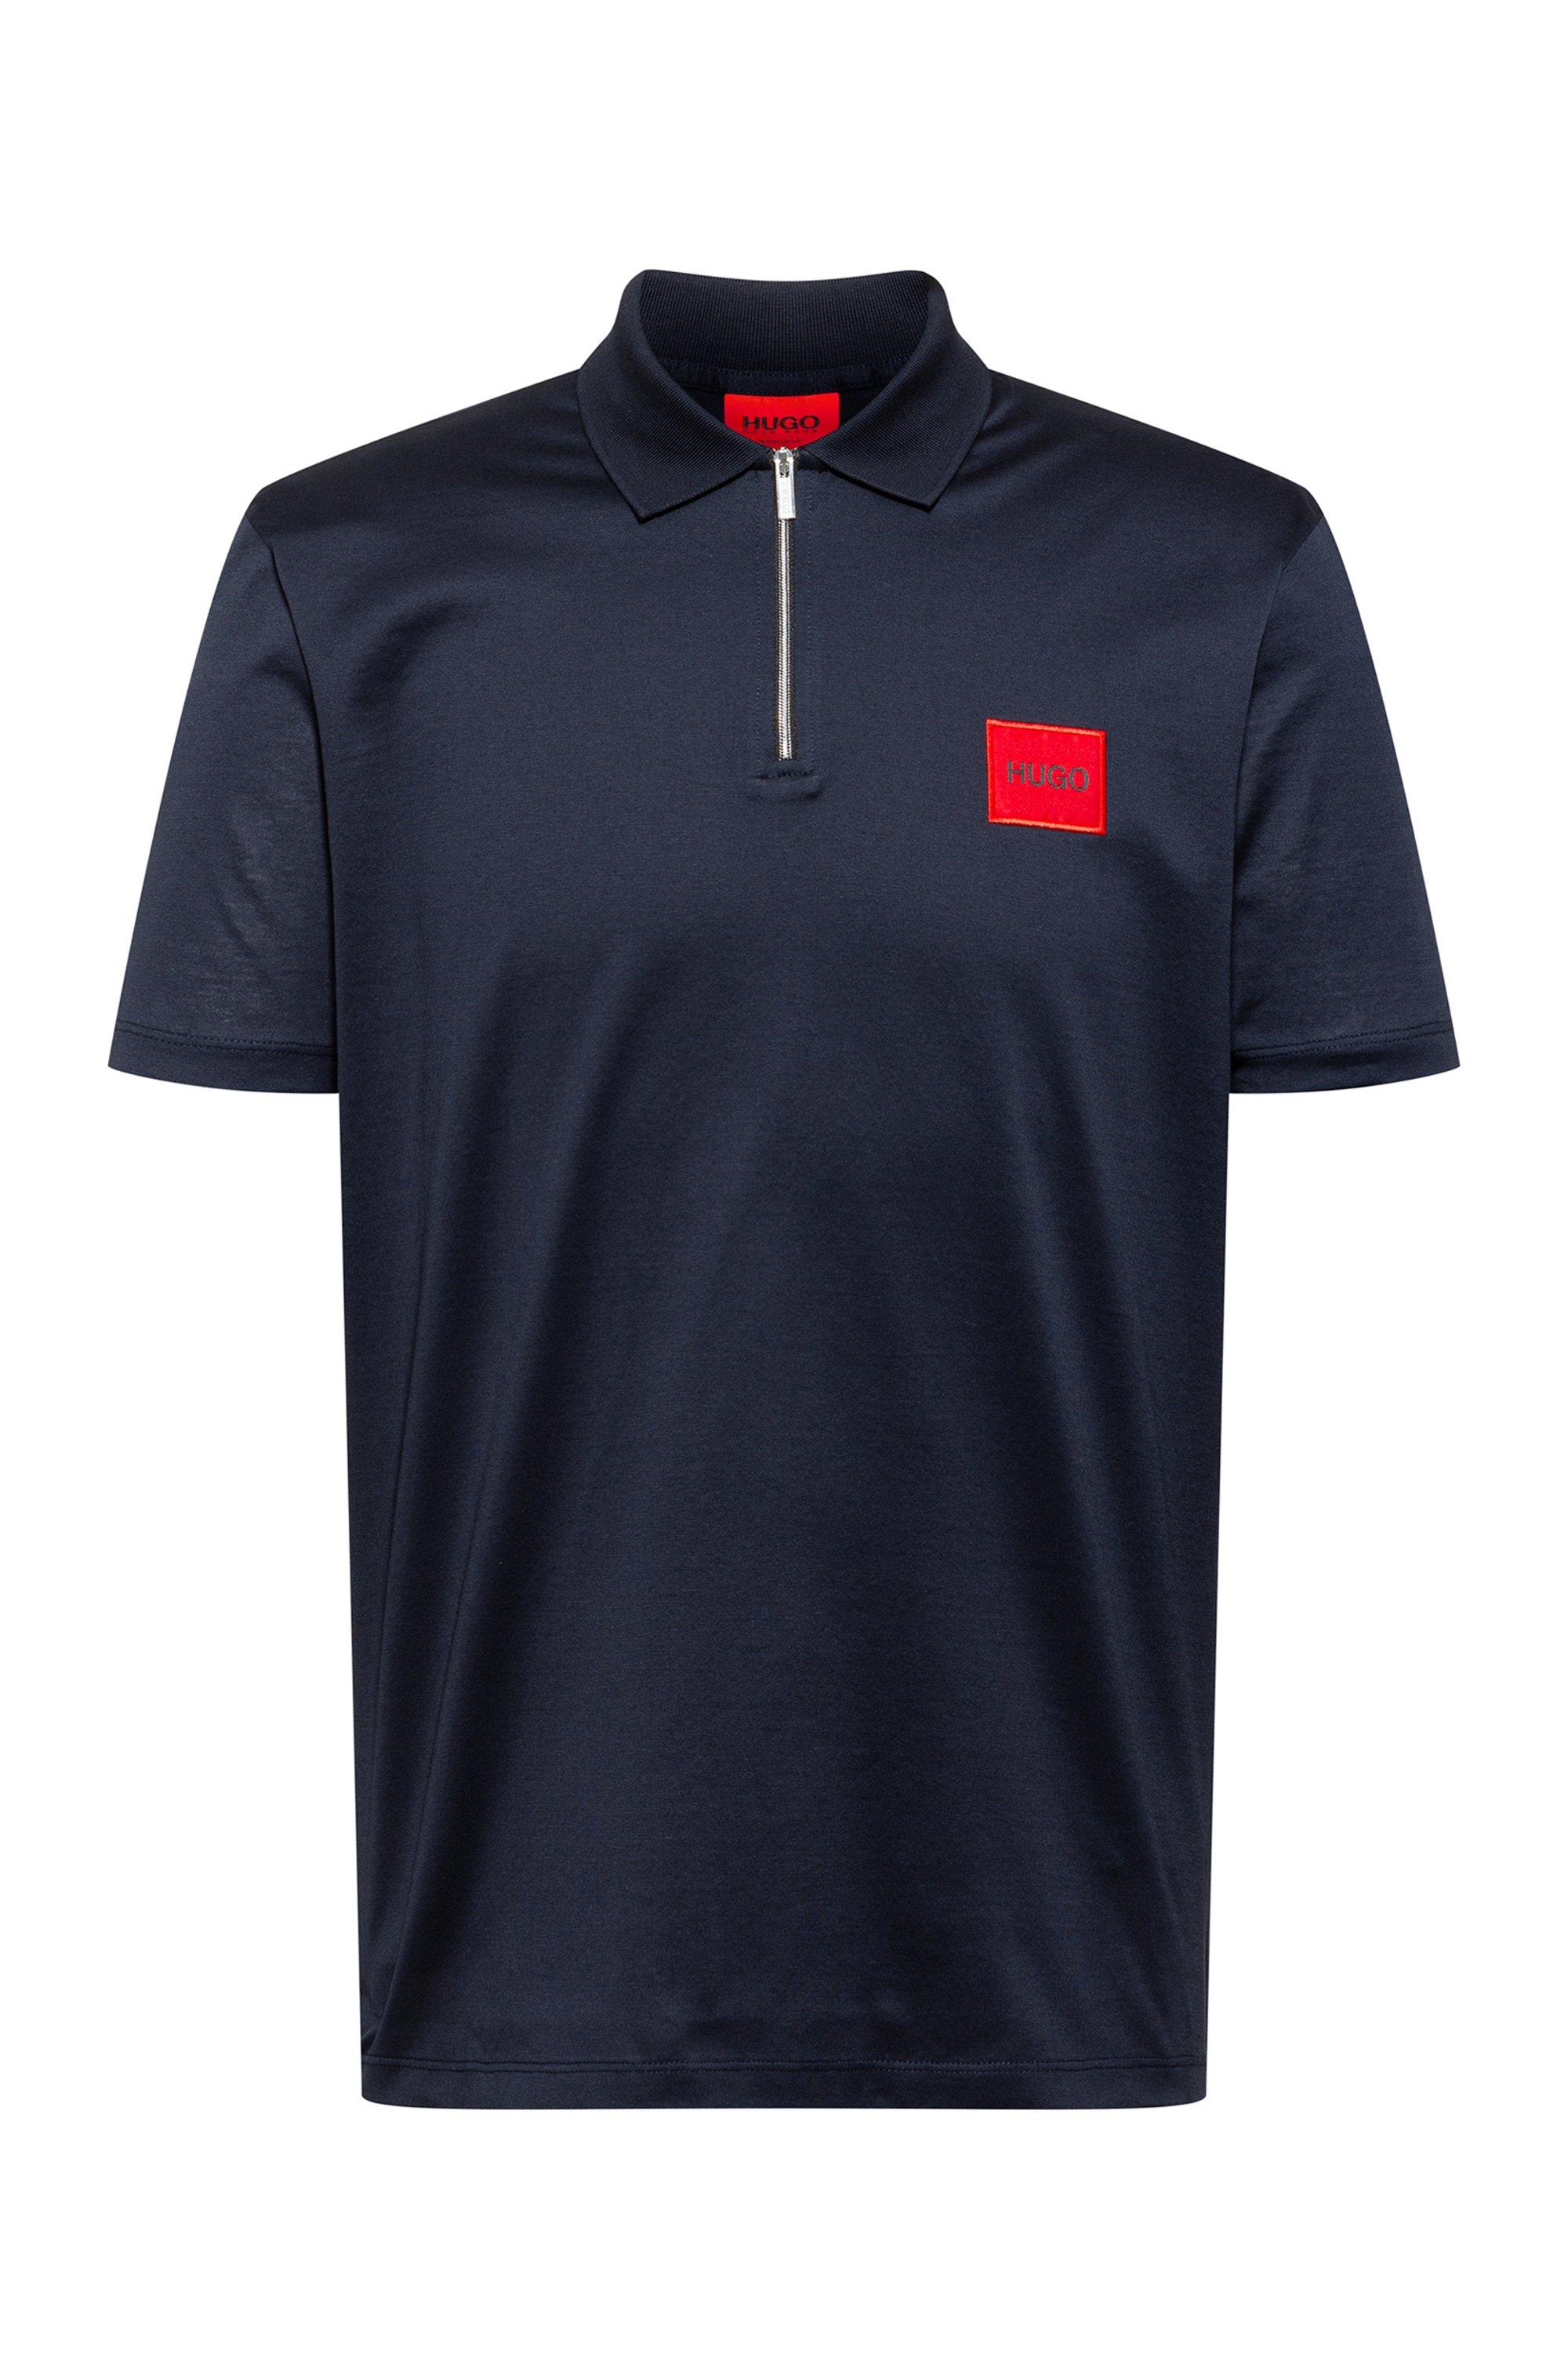 Polo en coton à encolure zippée avec étiquette logo rouge, Bleu foncé